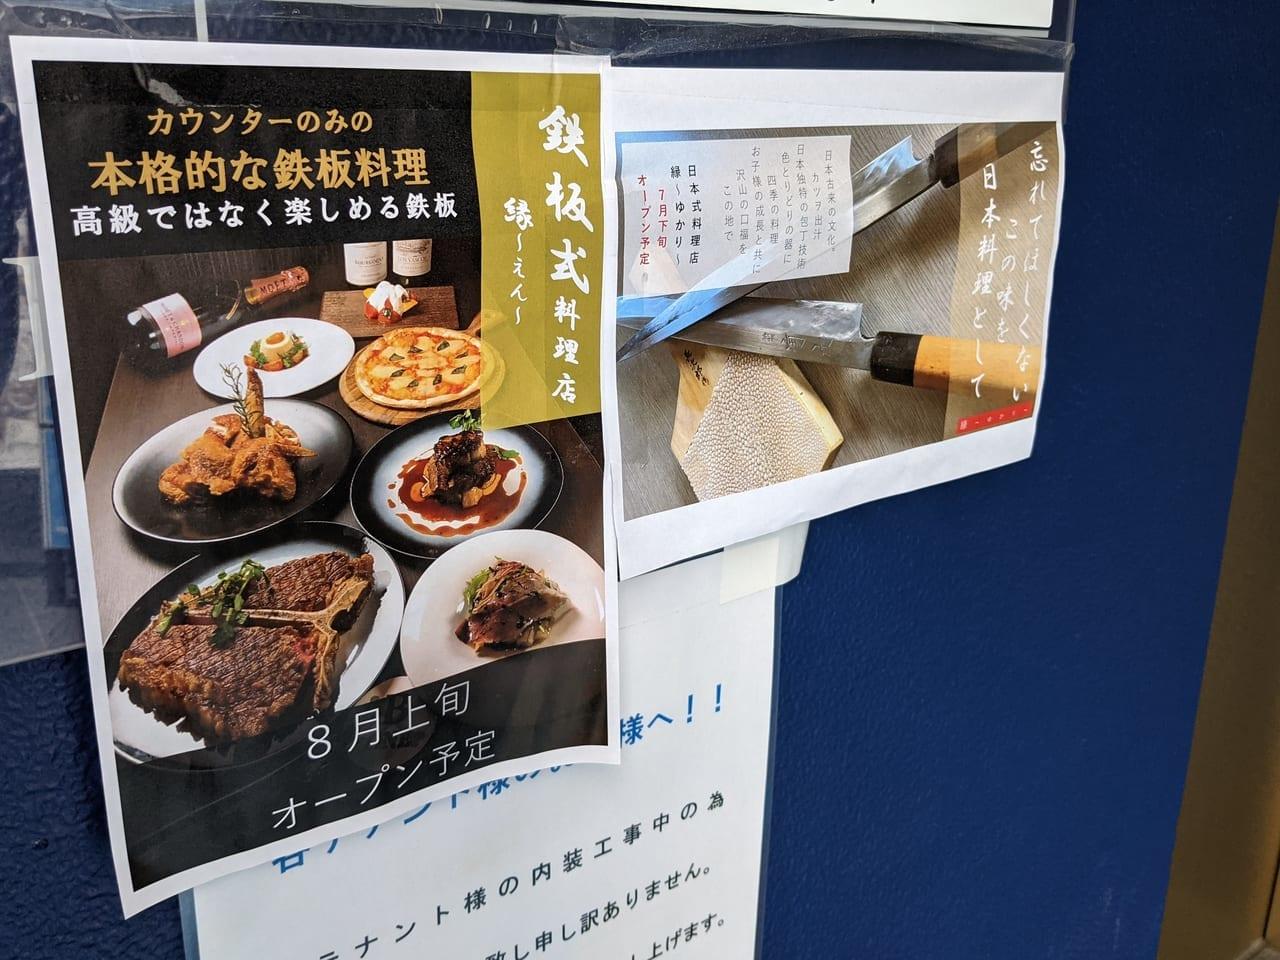 7月下旬「和食料理 縁(ゆかり)」・8月上旬「鉄板式料理 縁(えん)」が続けてオープンします!(おおたかの森マリンビル1階)